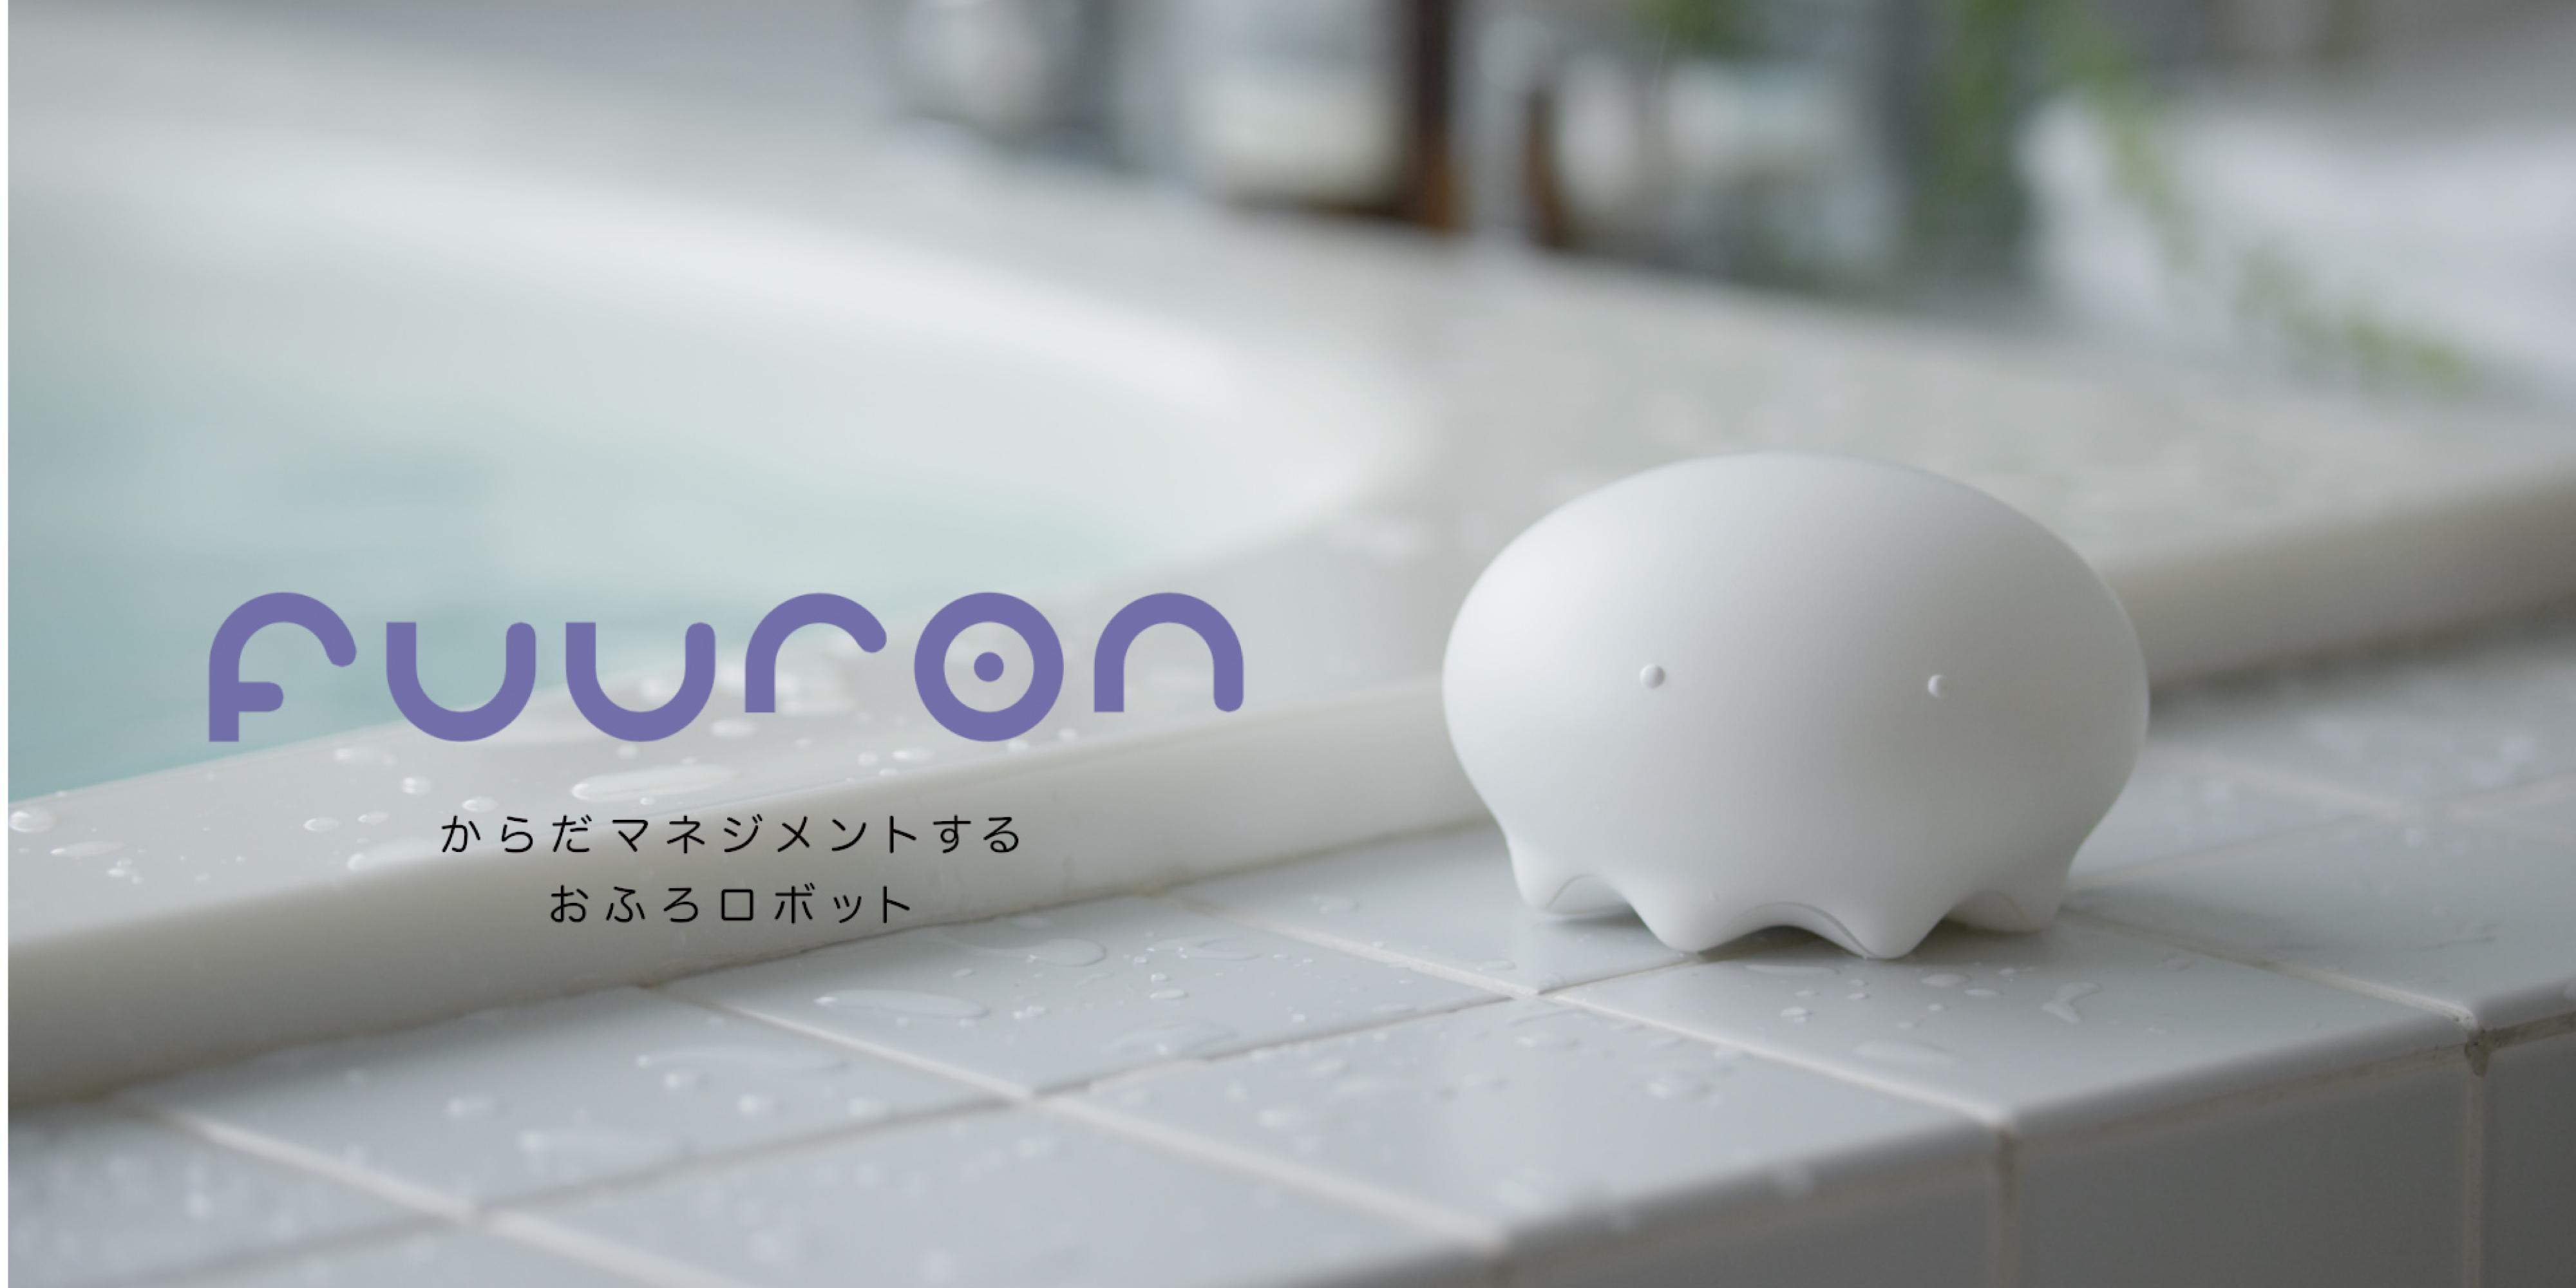 fuuron-05